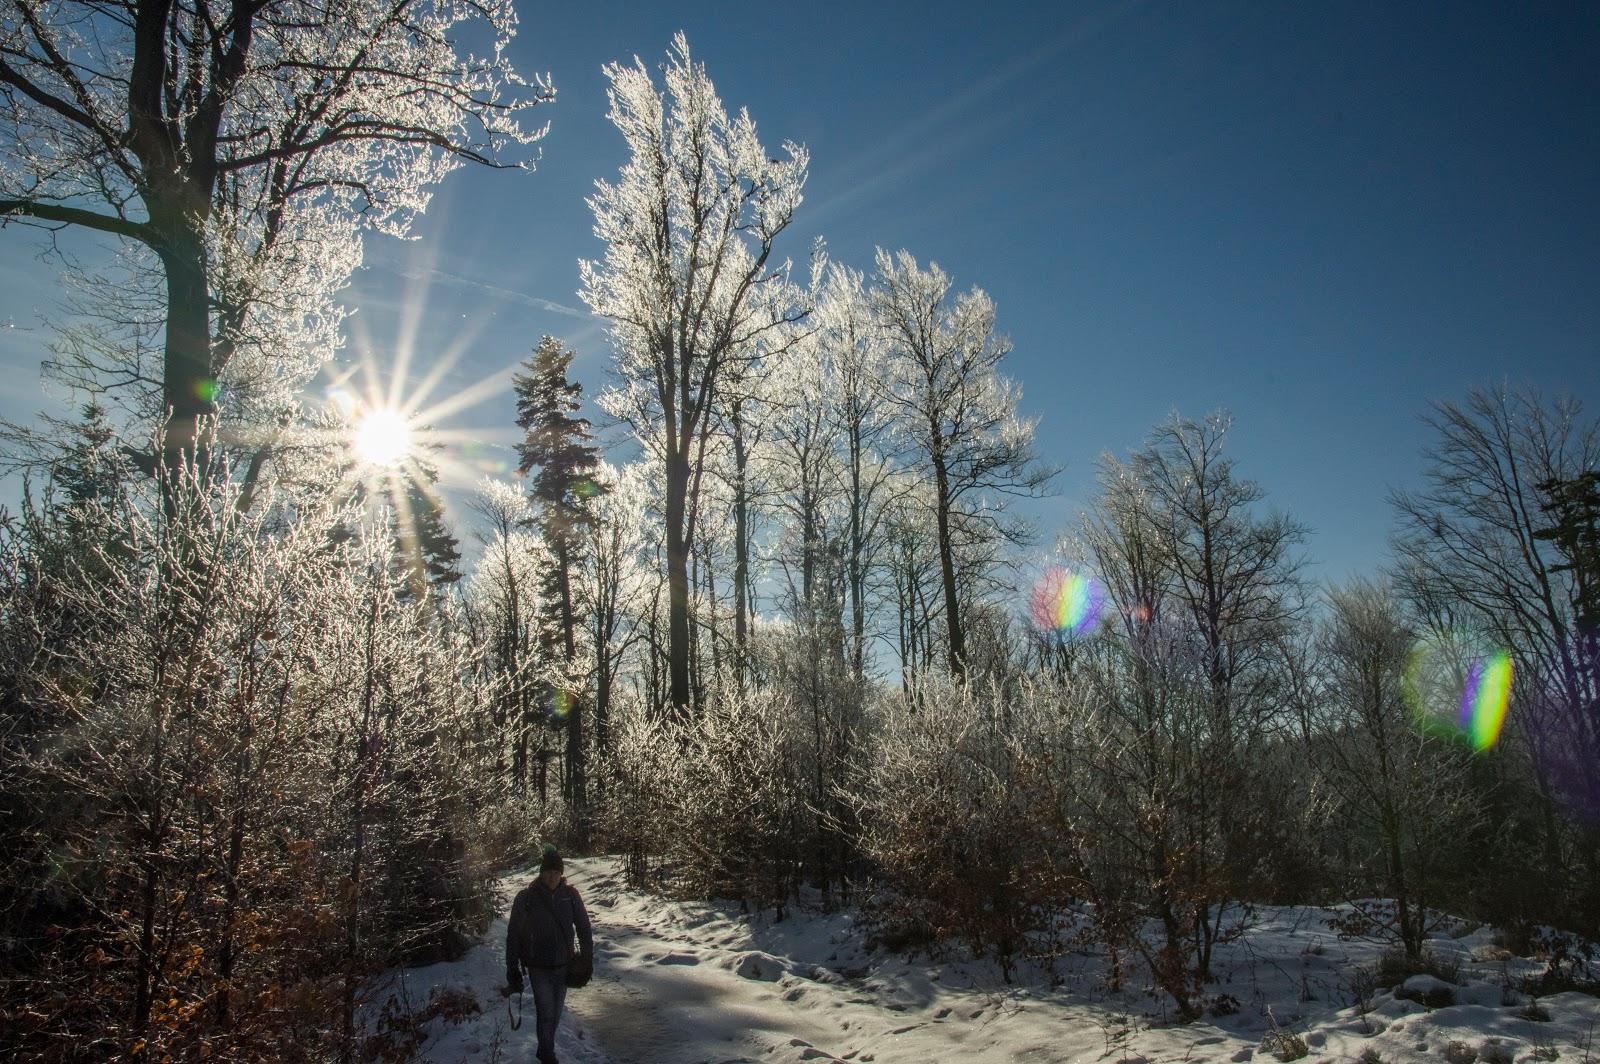 Już niedługo zima! Oby była śnieżna...